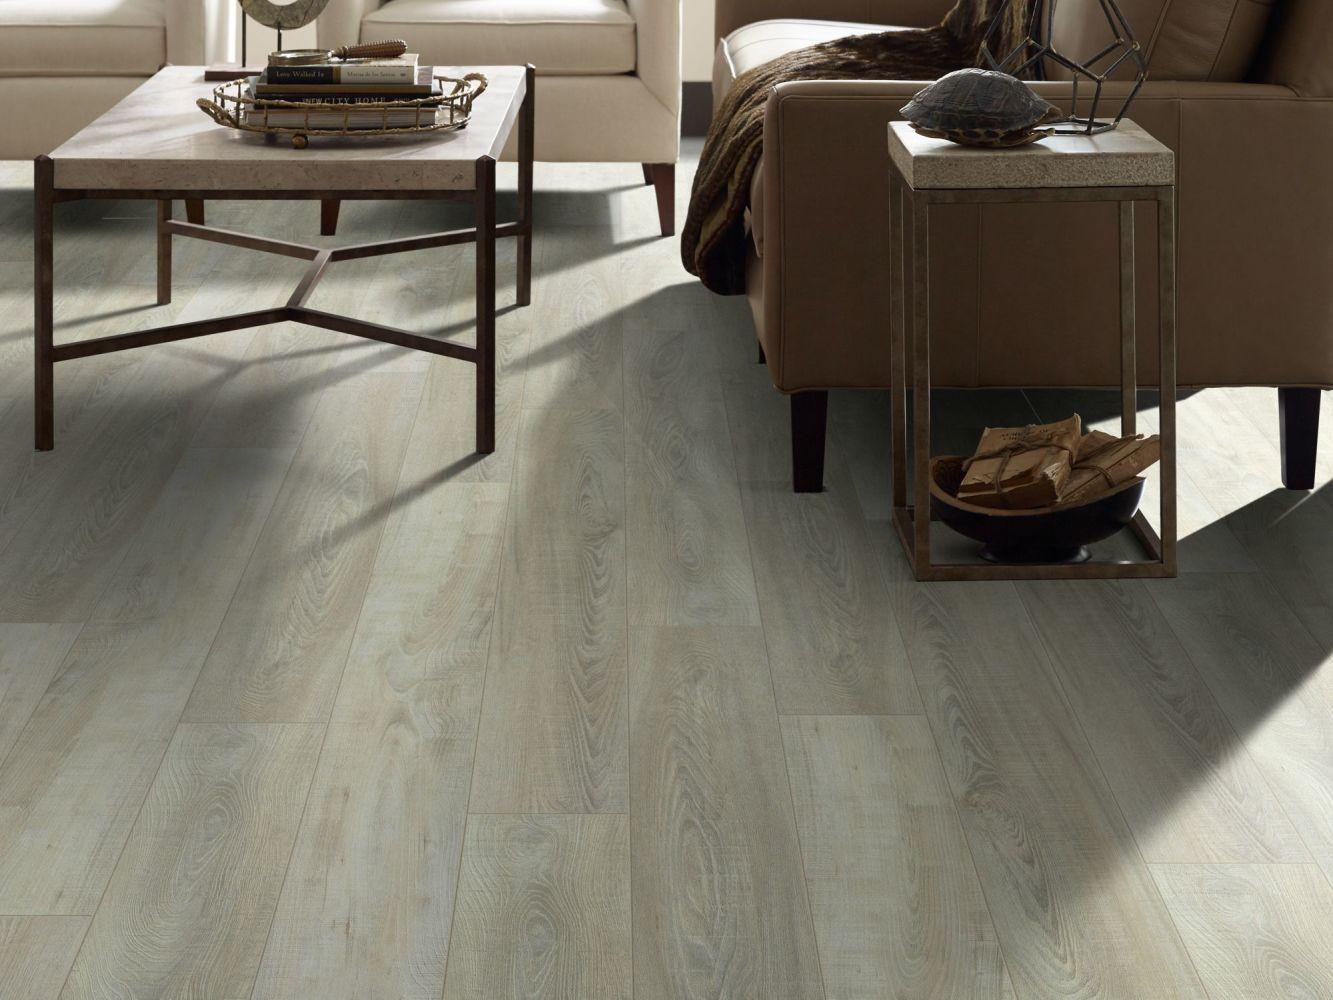 Shaw Floors Reality Homes Cascadia Tufo 00589_112RH